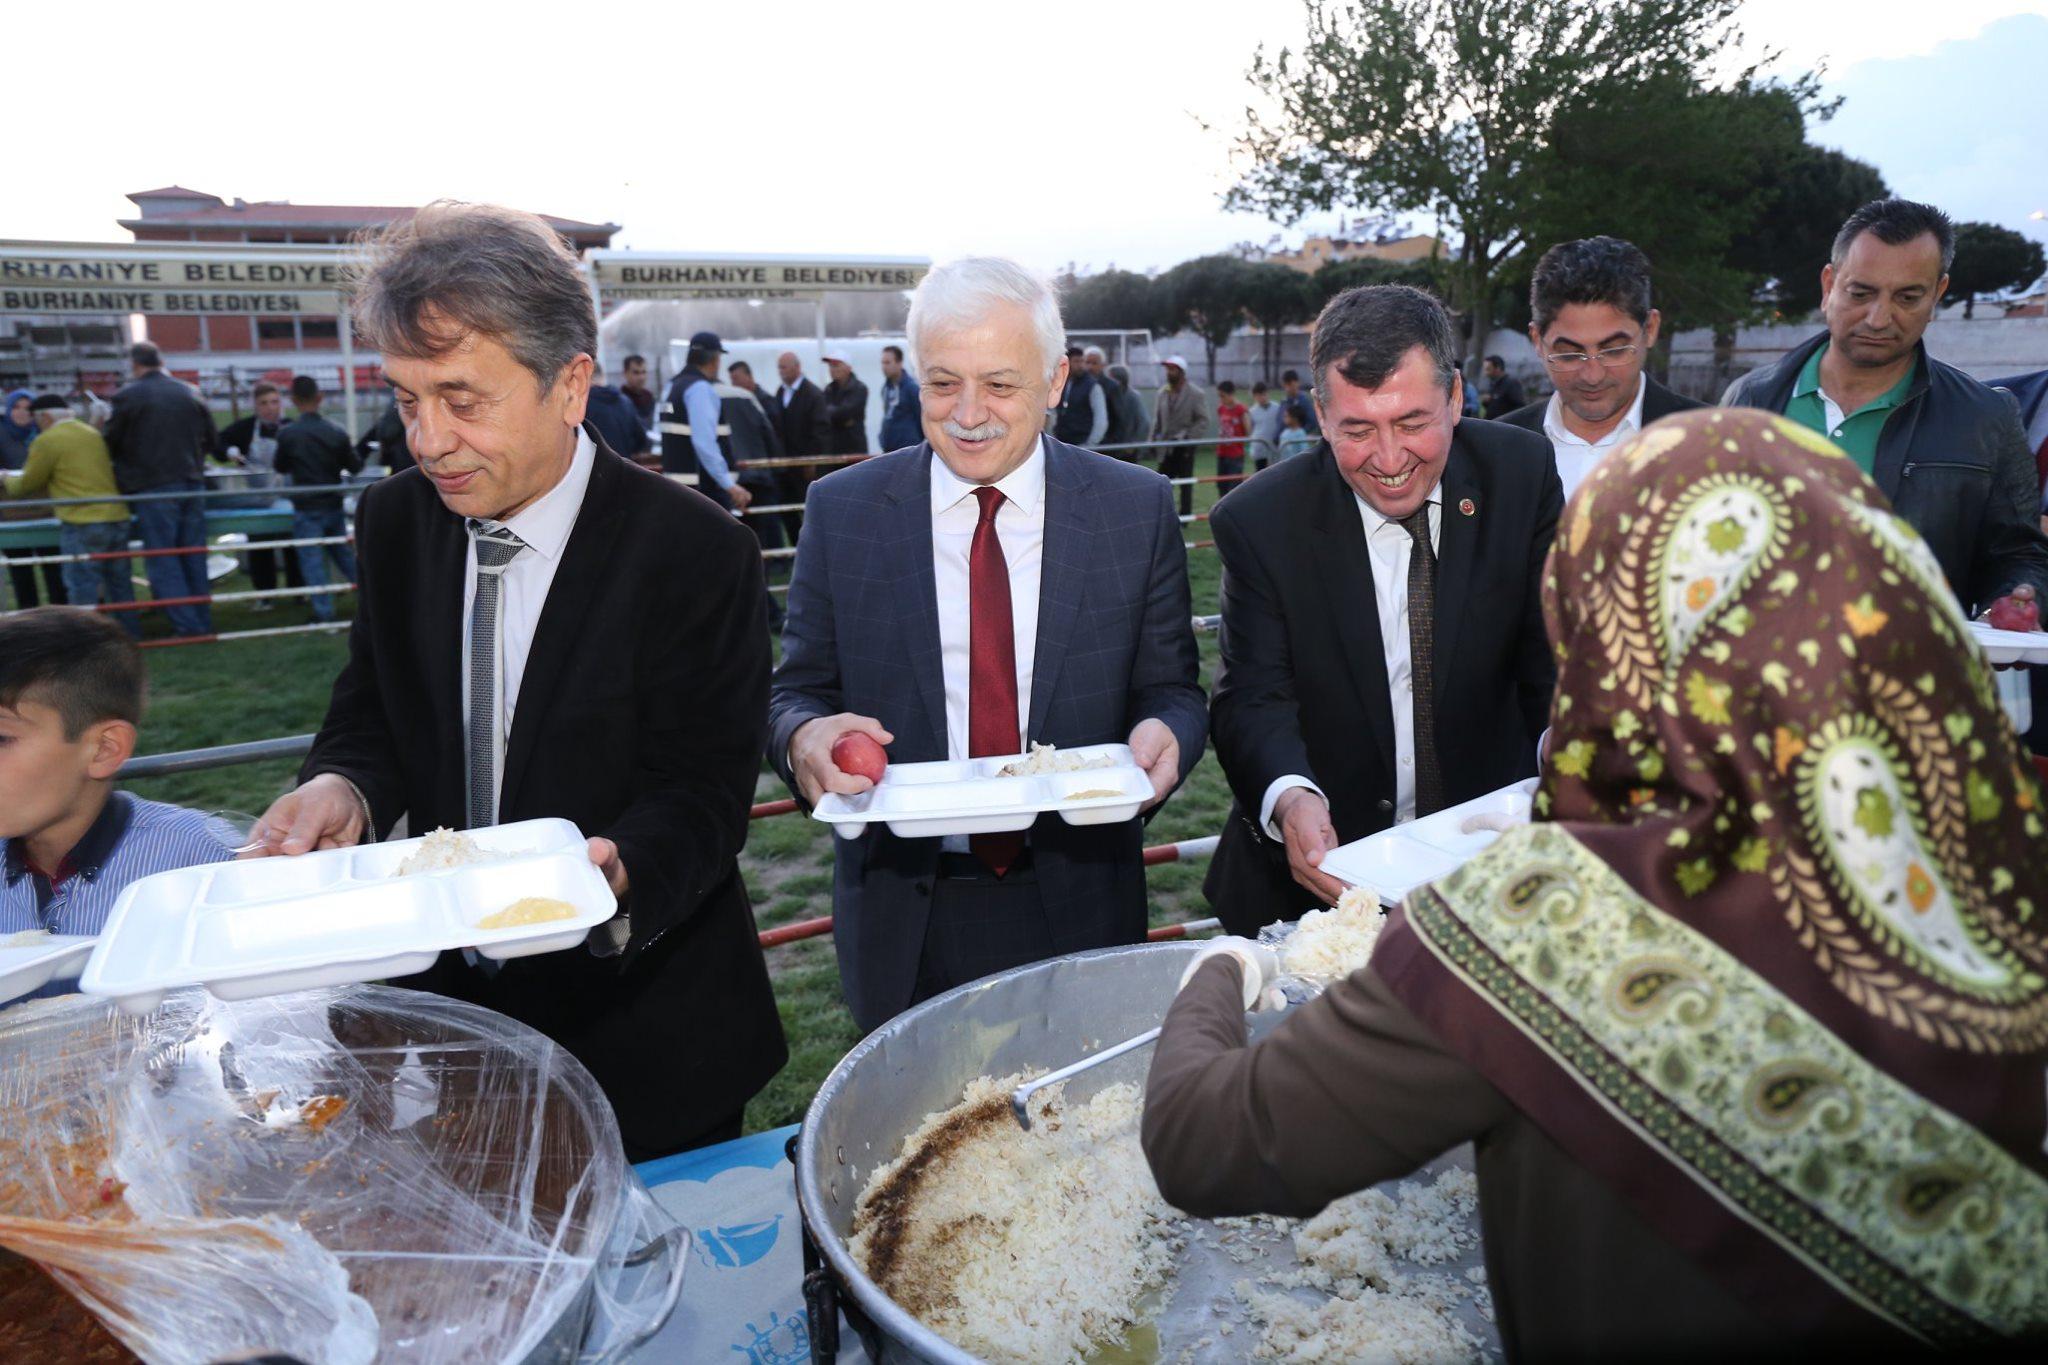 Belediye Başkanımız Ali Kemal Deveciler Belediye Meclis Üyelerimiz ile Birlikte 8 Eylül Stadyumunda Kurulan İftar Çadırına Katıldı.